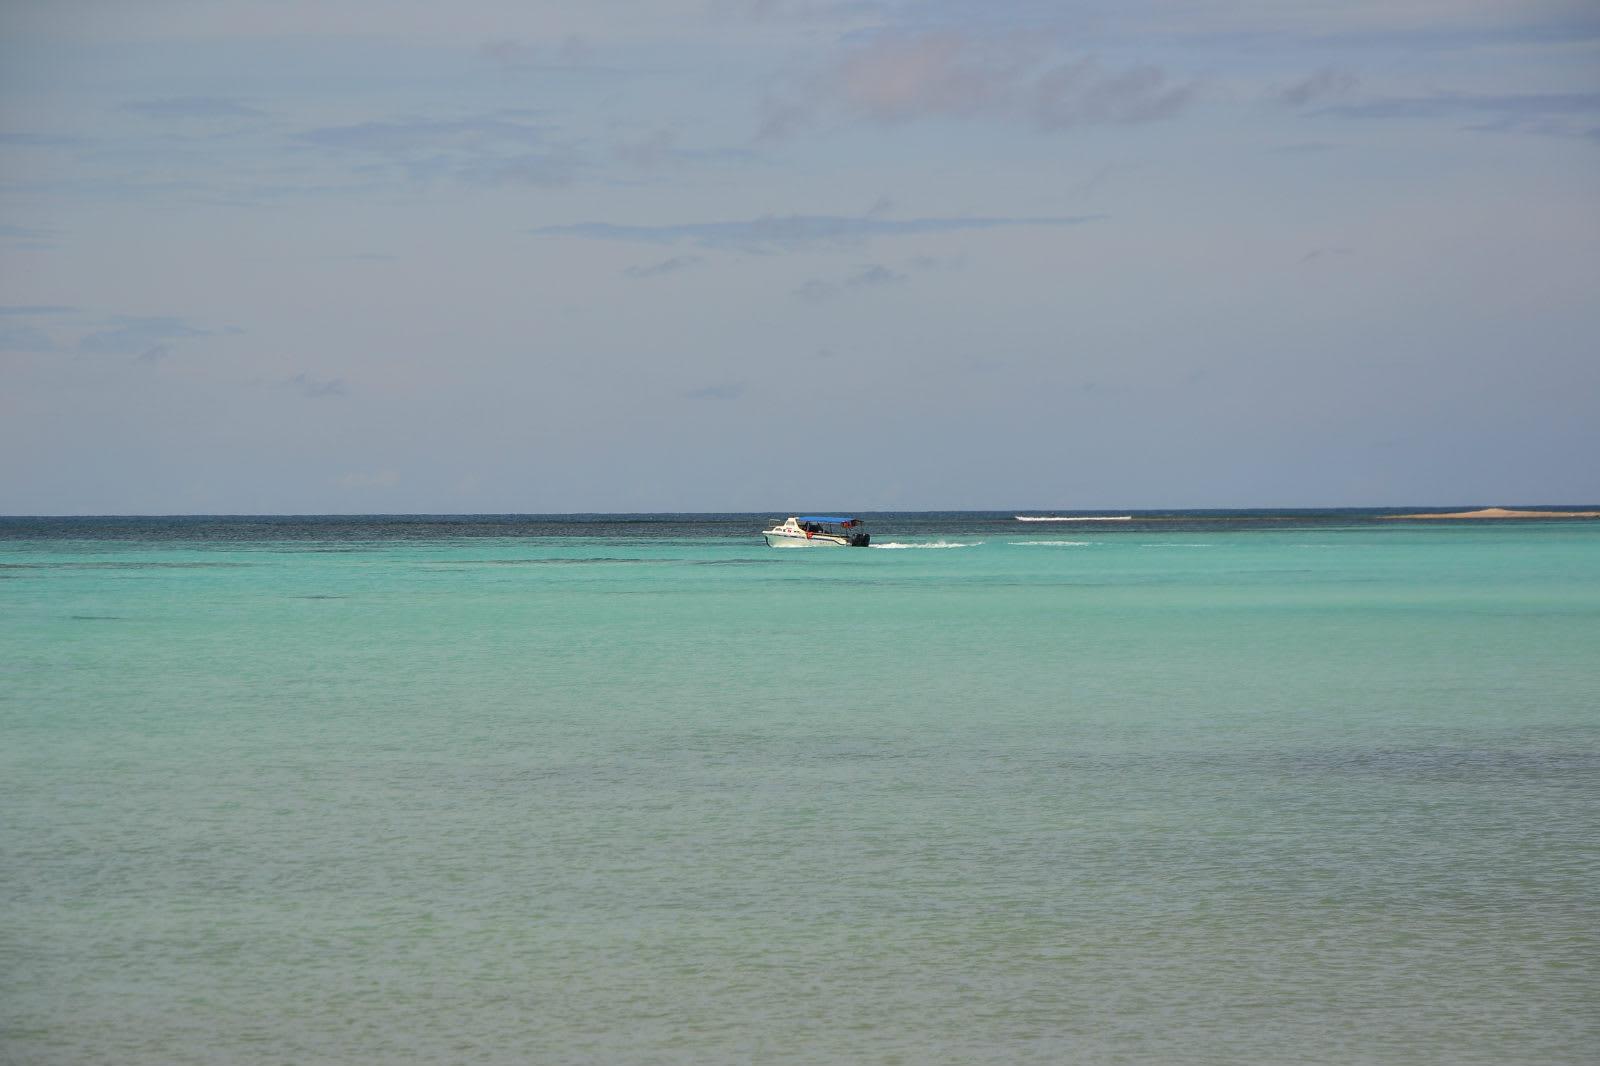 du lịch kota kinabalu - vẻ đẹp của biển ở đảo mantanani